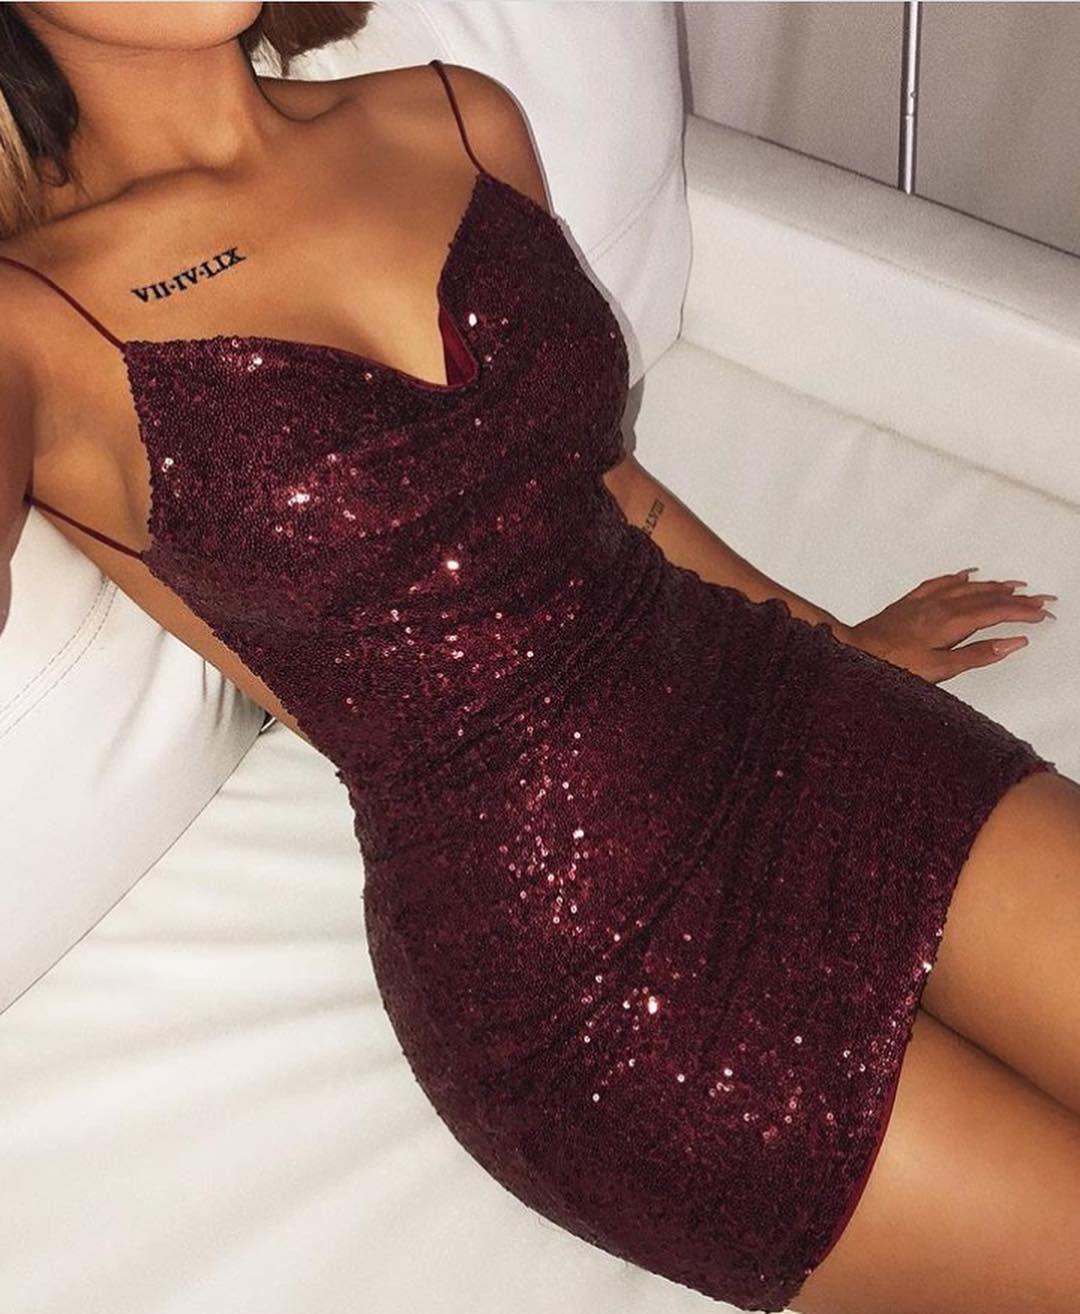 Kleid Idee Minimalist Frau   Outfit nacht, Event kleider und ...